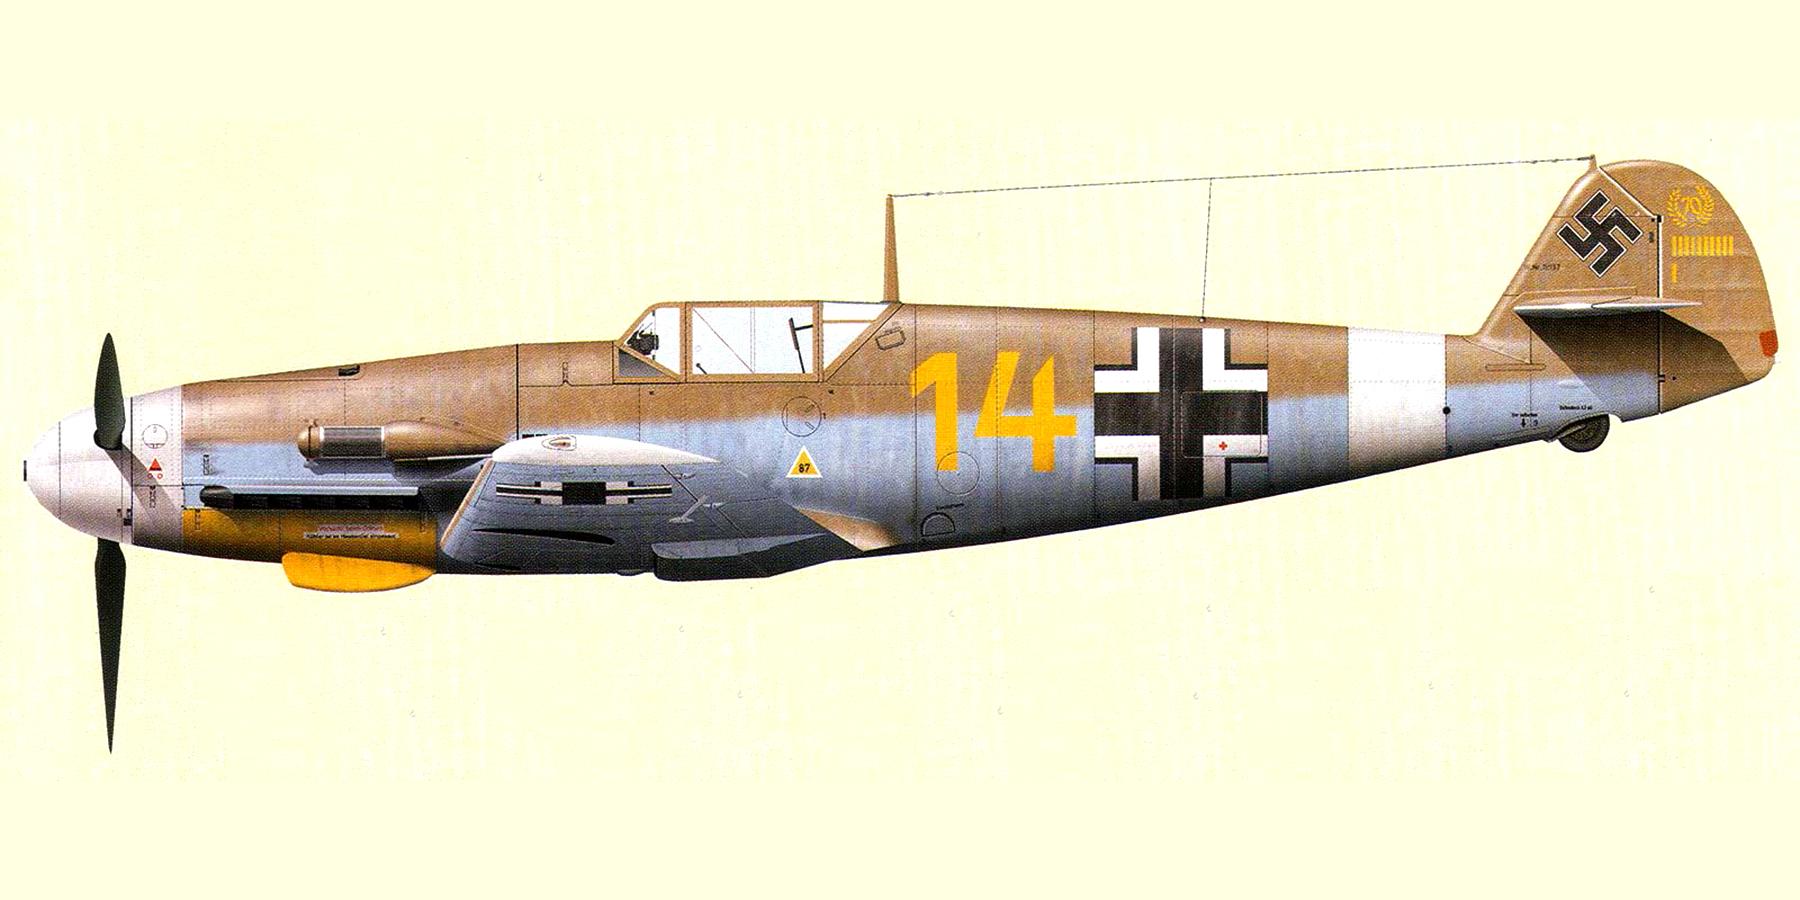 Messerschmitt Bf 109F4Trop 3.JG27 Yellow 14 Hans Joachim Marseille WNr 10137 Africa 21st June 1942 0A